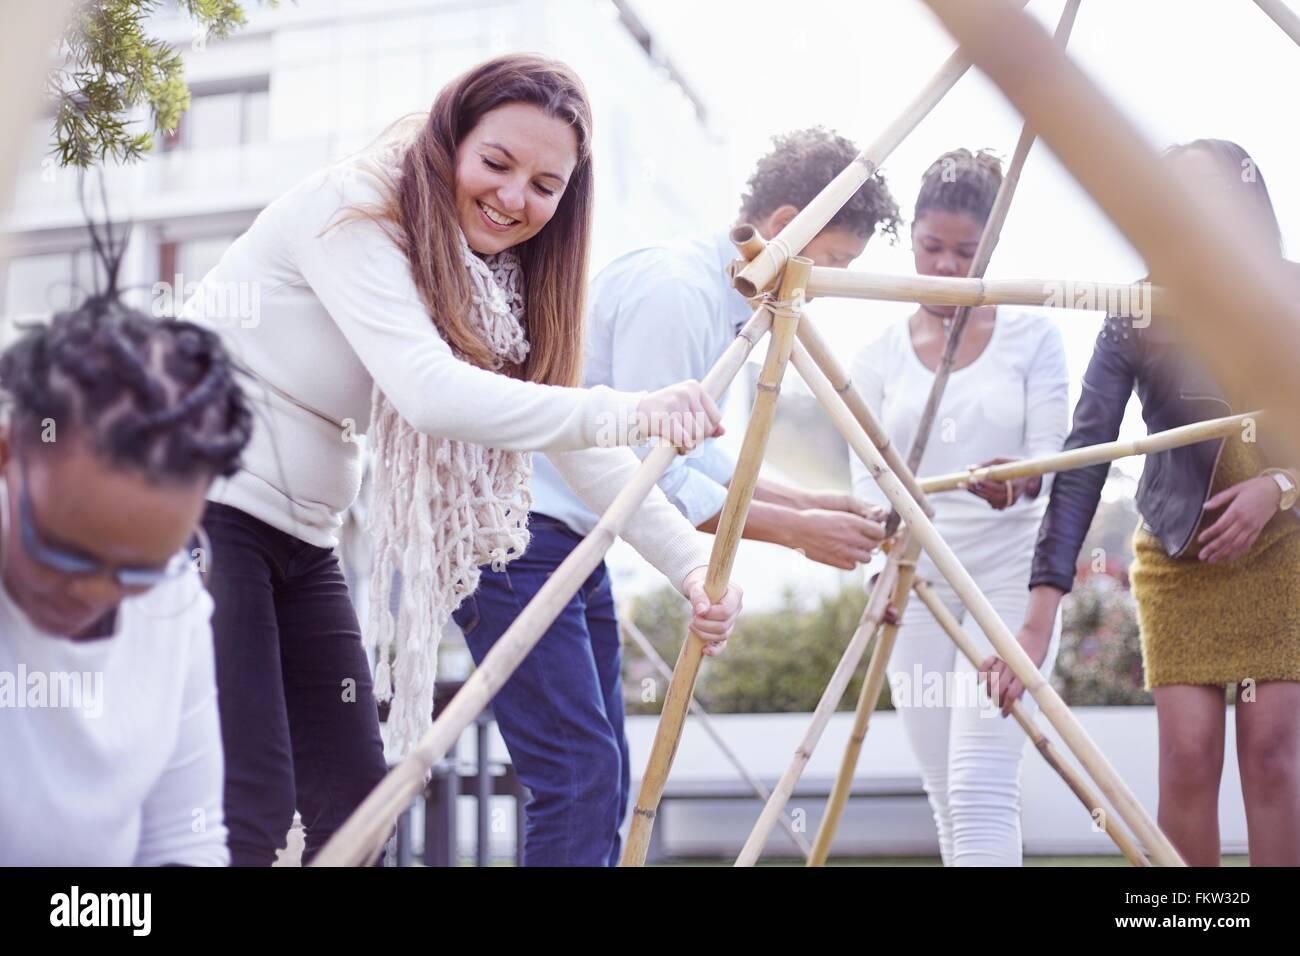 I colleghi di team building edificio attività struttura in legno sorridente Immagini Stock